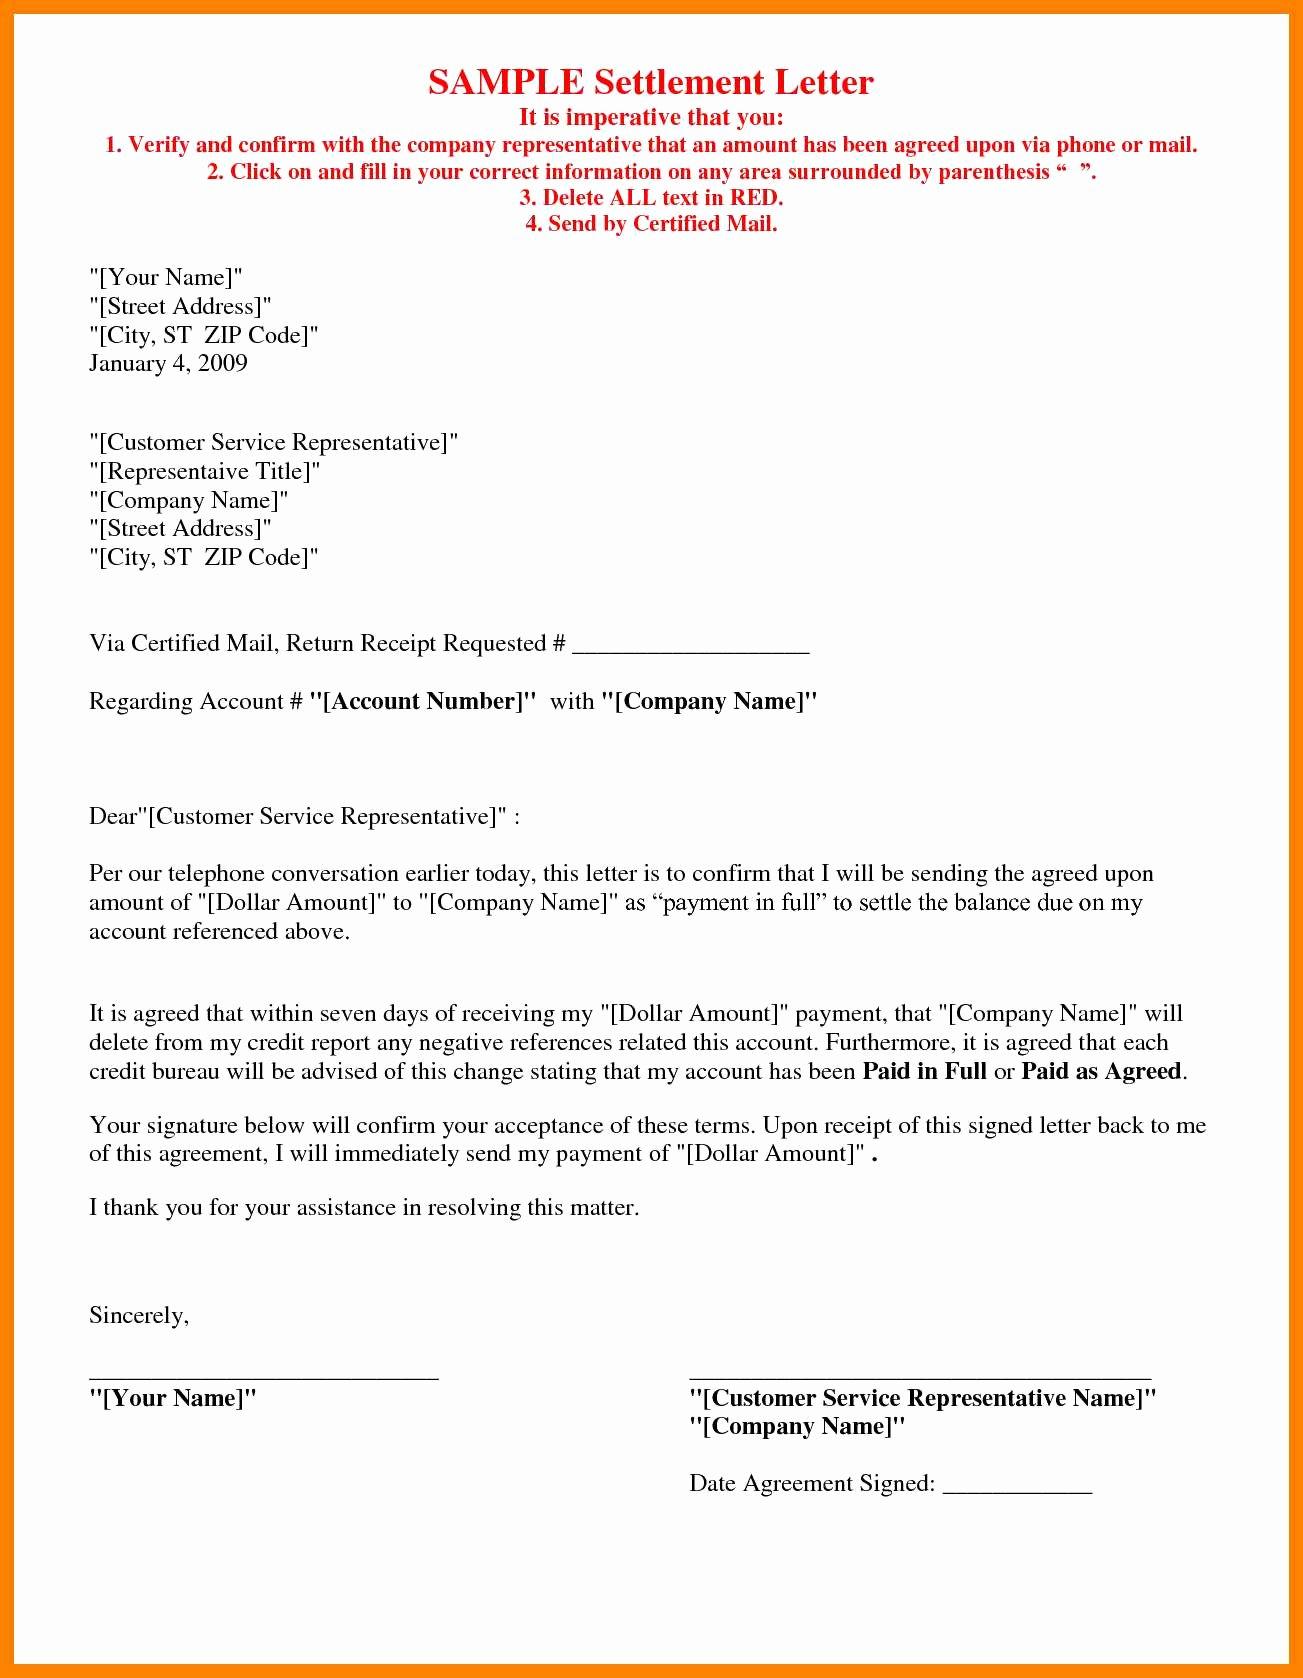 Sample Settlement Letter for Car Accident Luxury Car Accident Settlement Letter Template Samples